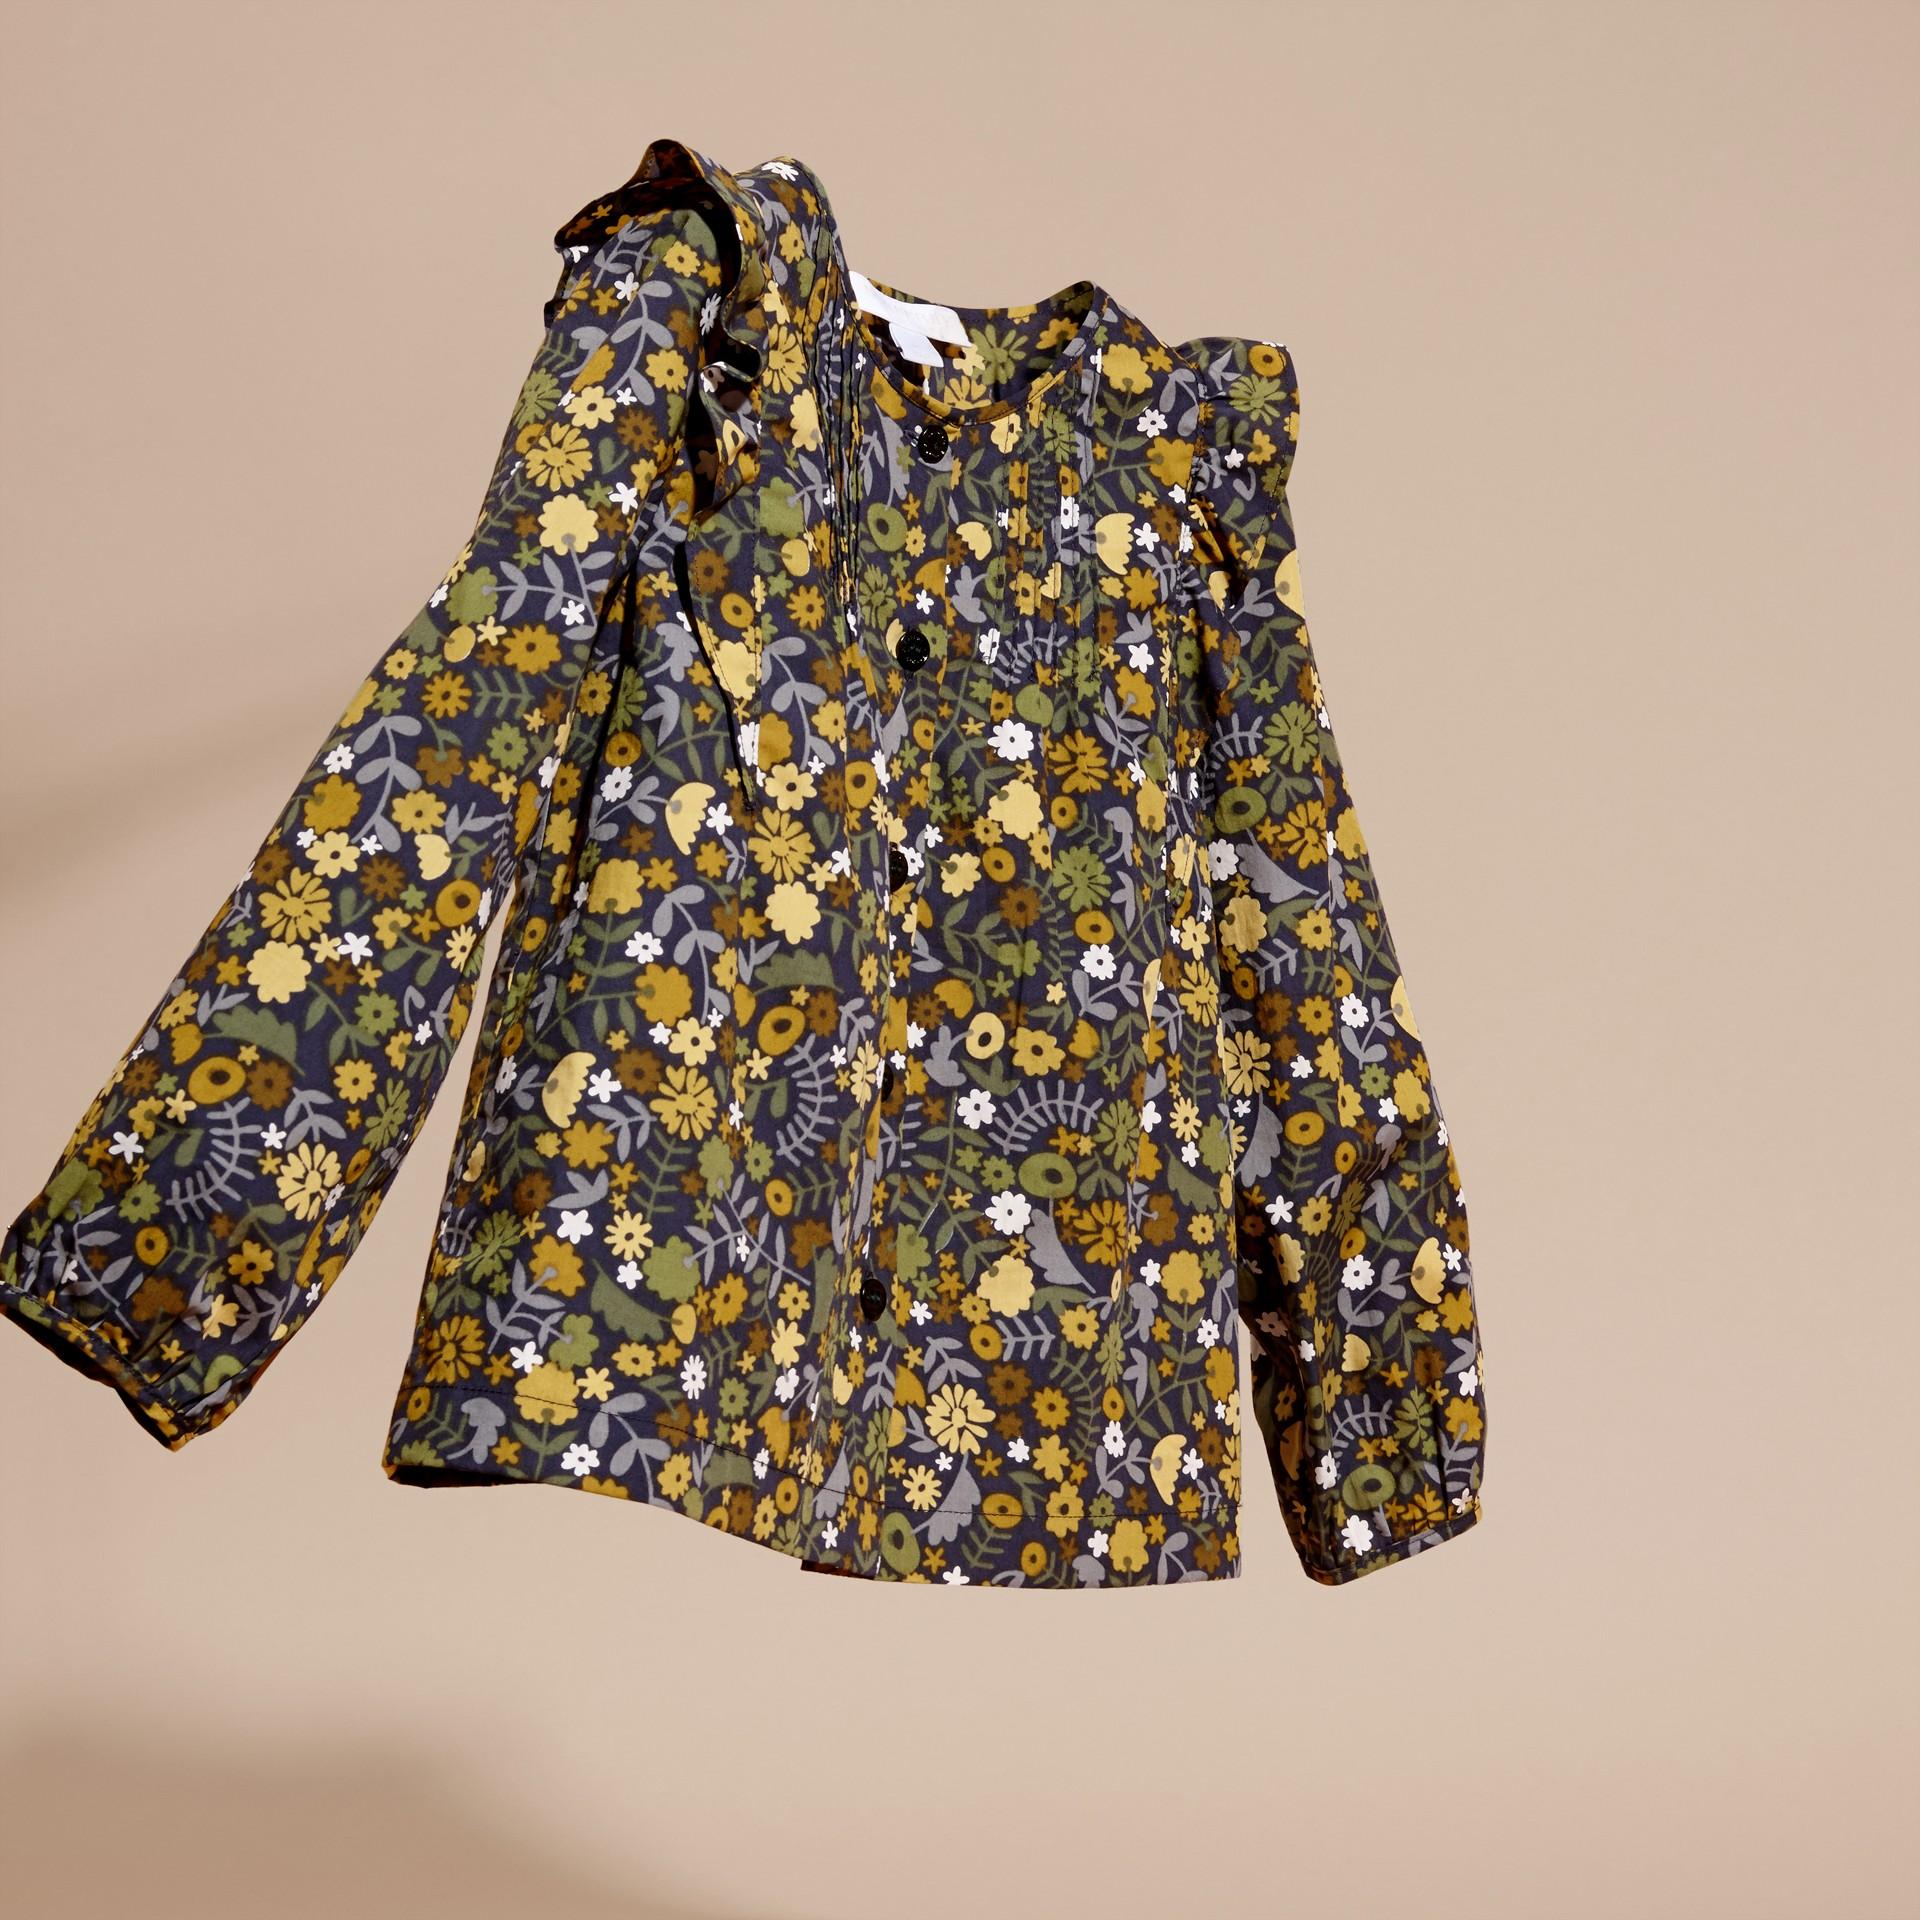 淡灰茶晶色 褶飾細節花朵印花棉質襯衫 淡灰茶晶色 - 圖庫照片 3